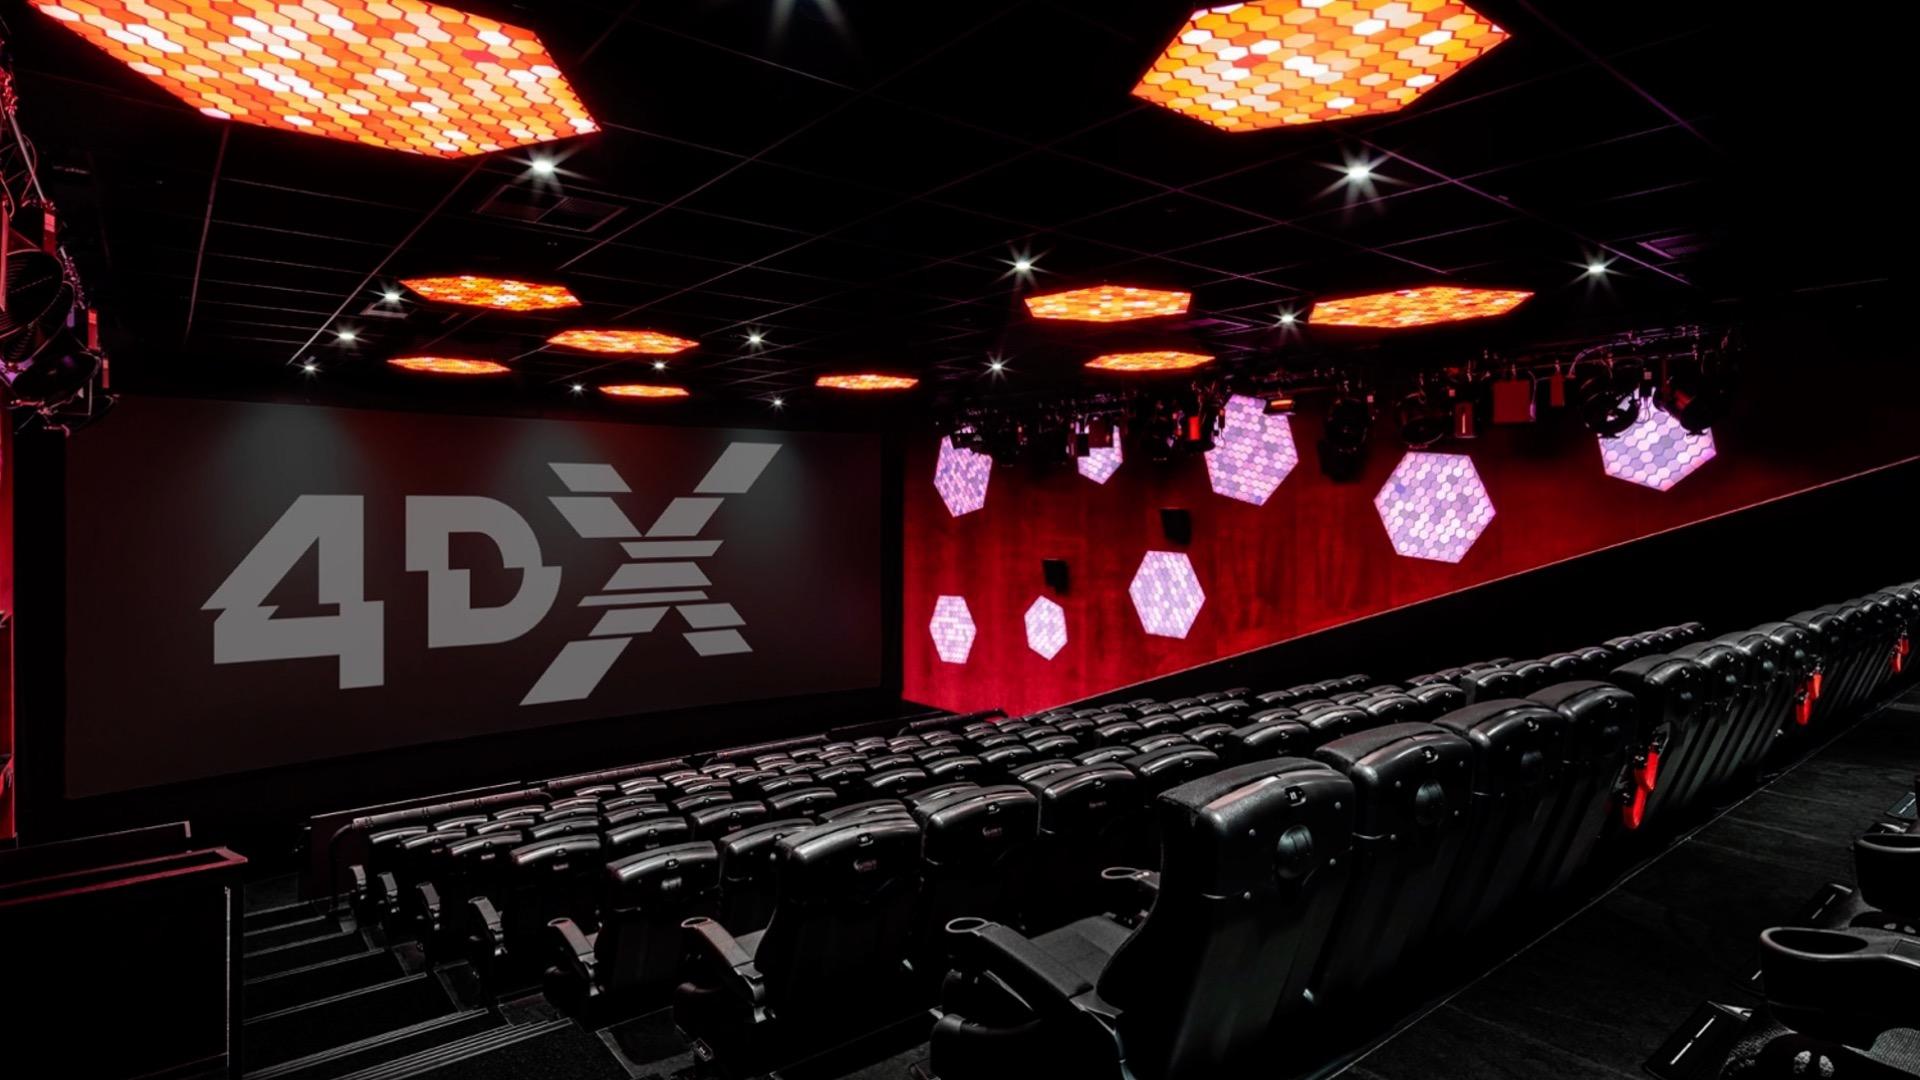 Kinoerlebnis in 4DX